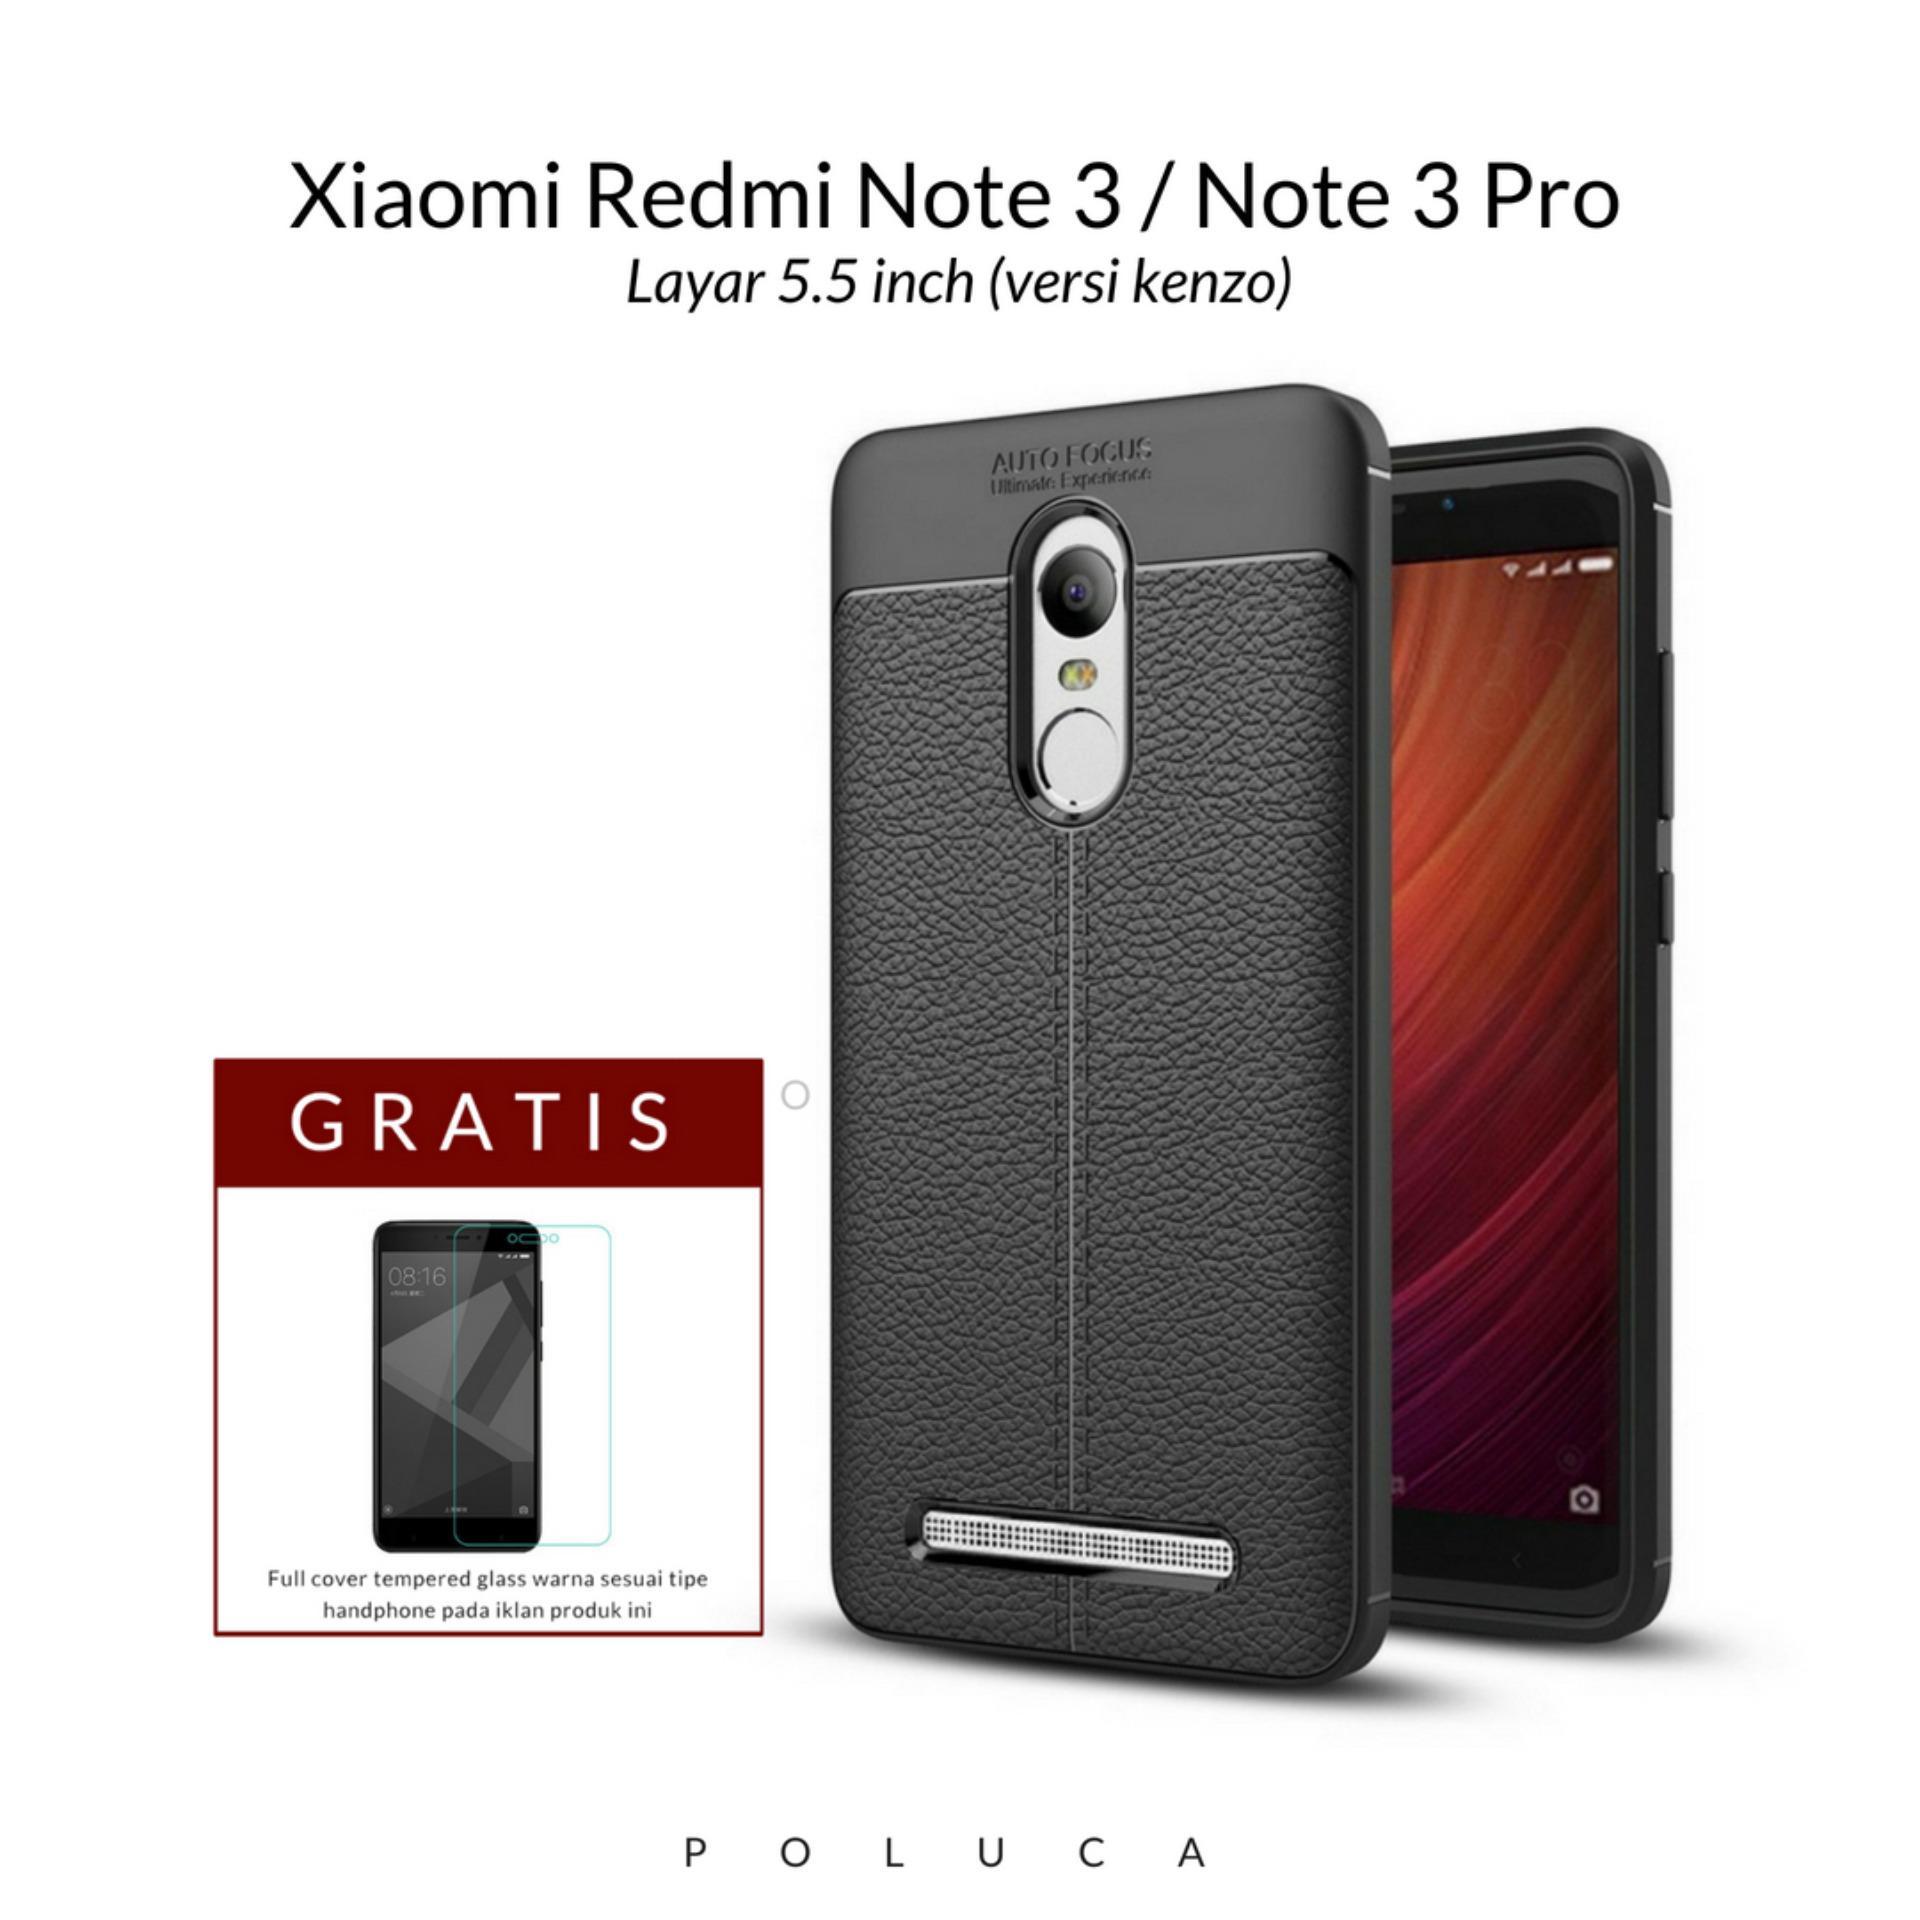 Poluca Luxury Case For Xiaomi Redmi Note 3 / Note 3 Pro Versi Kenzo ( 5.5